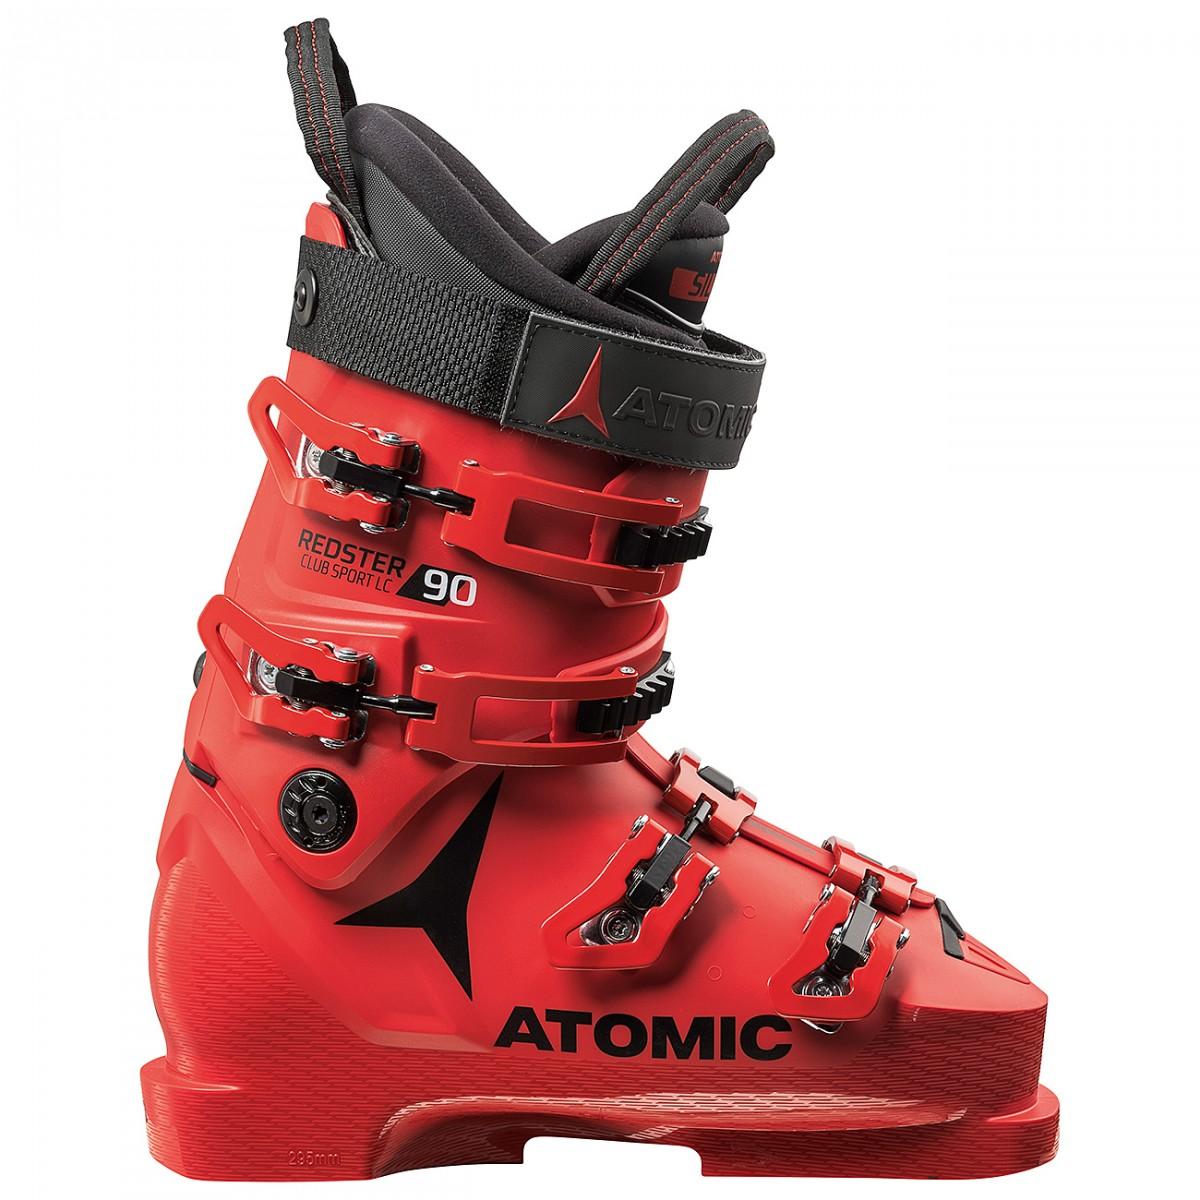 Scarponi sci Atomic Redster Club Sport 90 LC (Colore: rosso-nero, Taglia: 25/25.5)